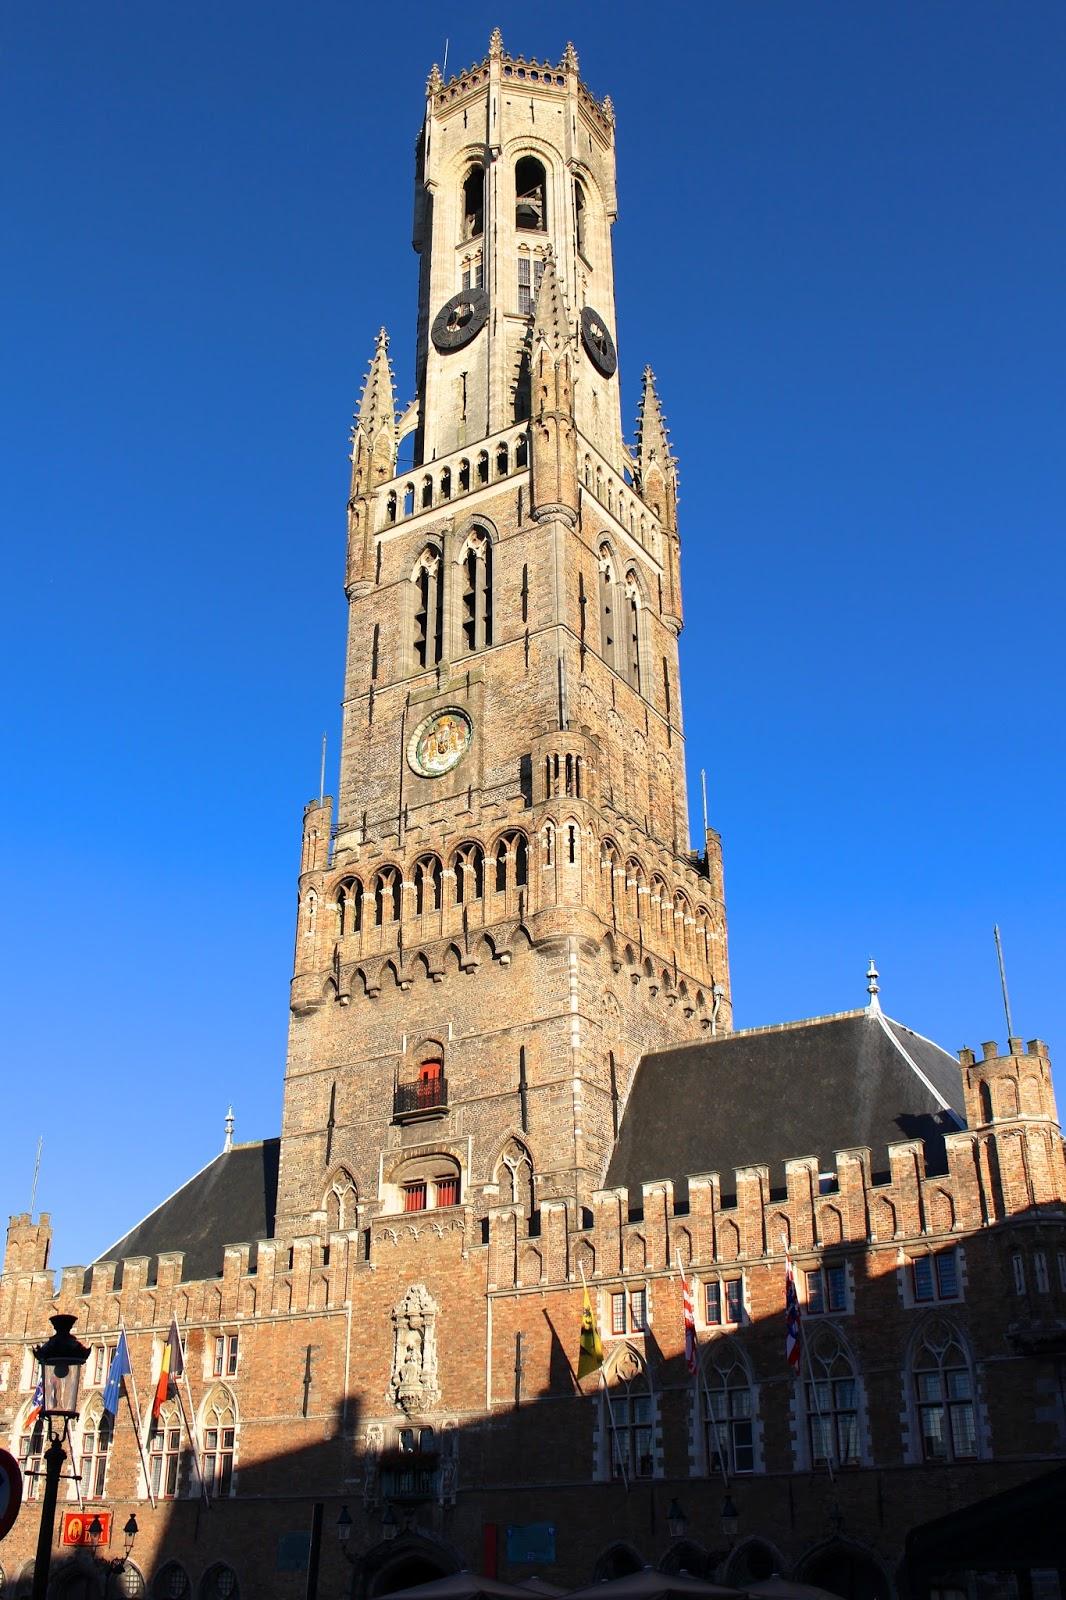 Belfry of Bruges at summertime sunset